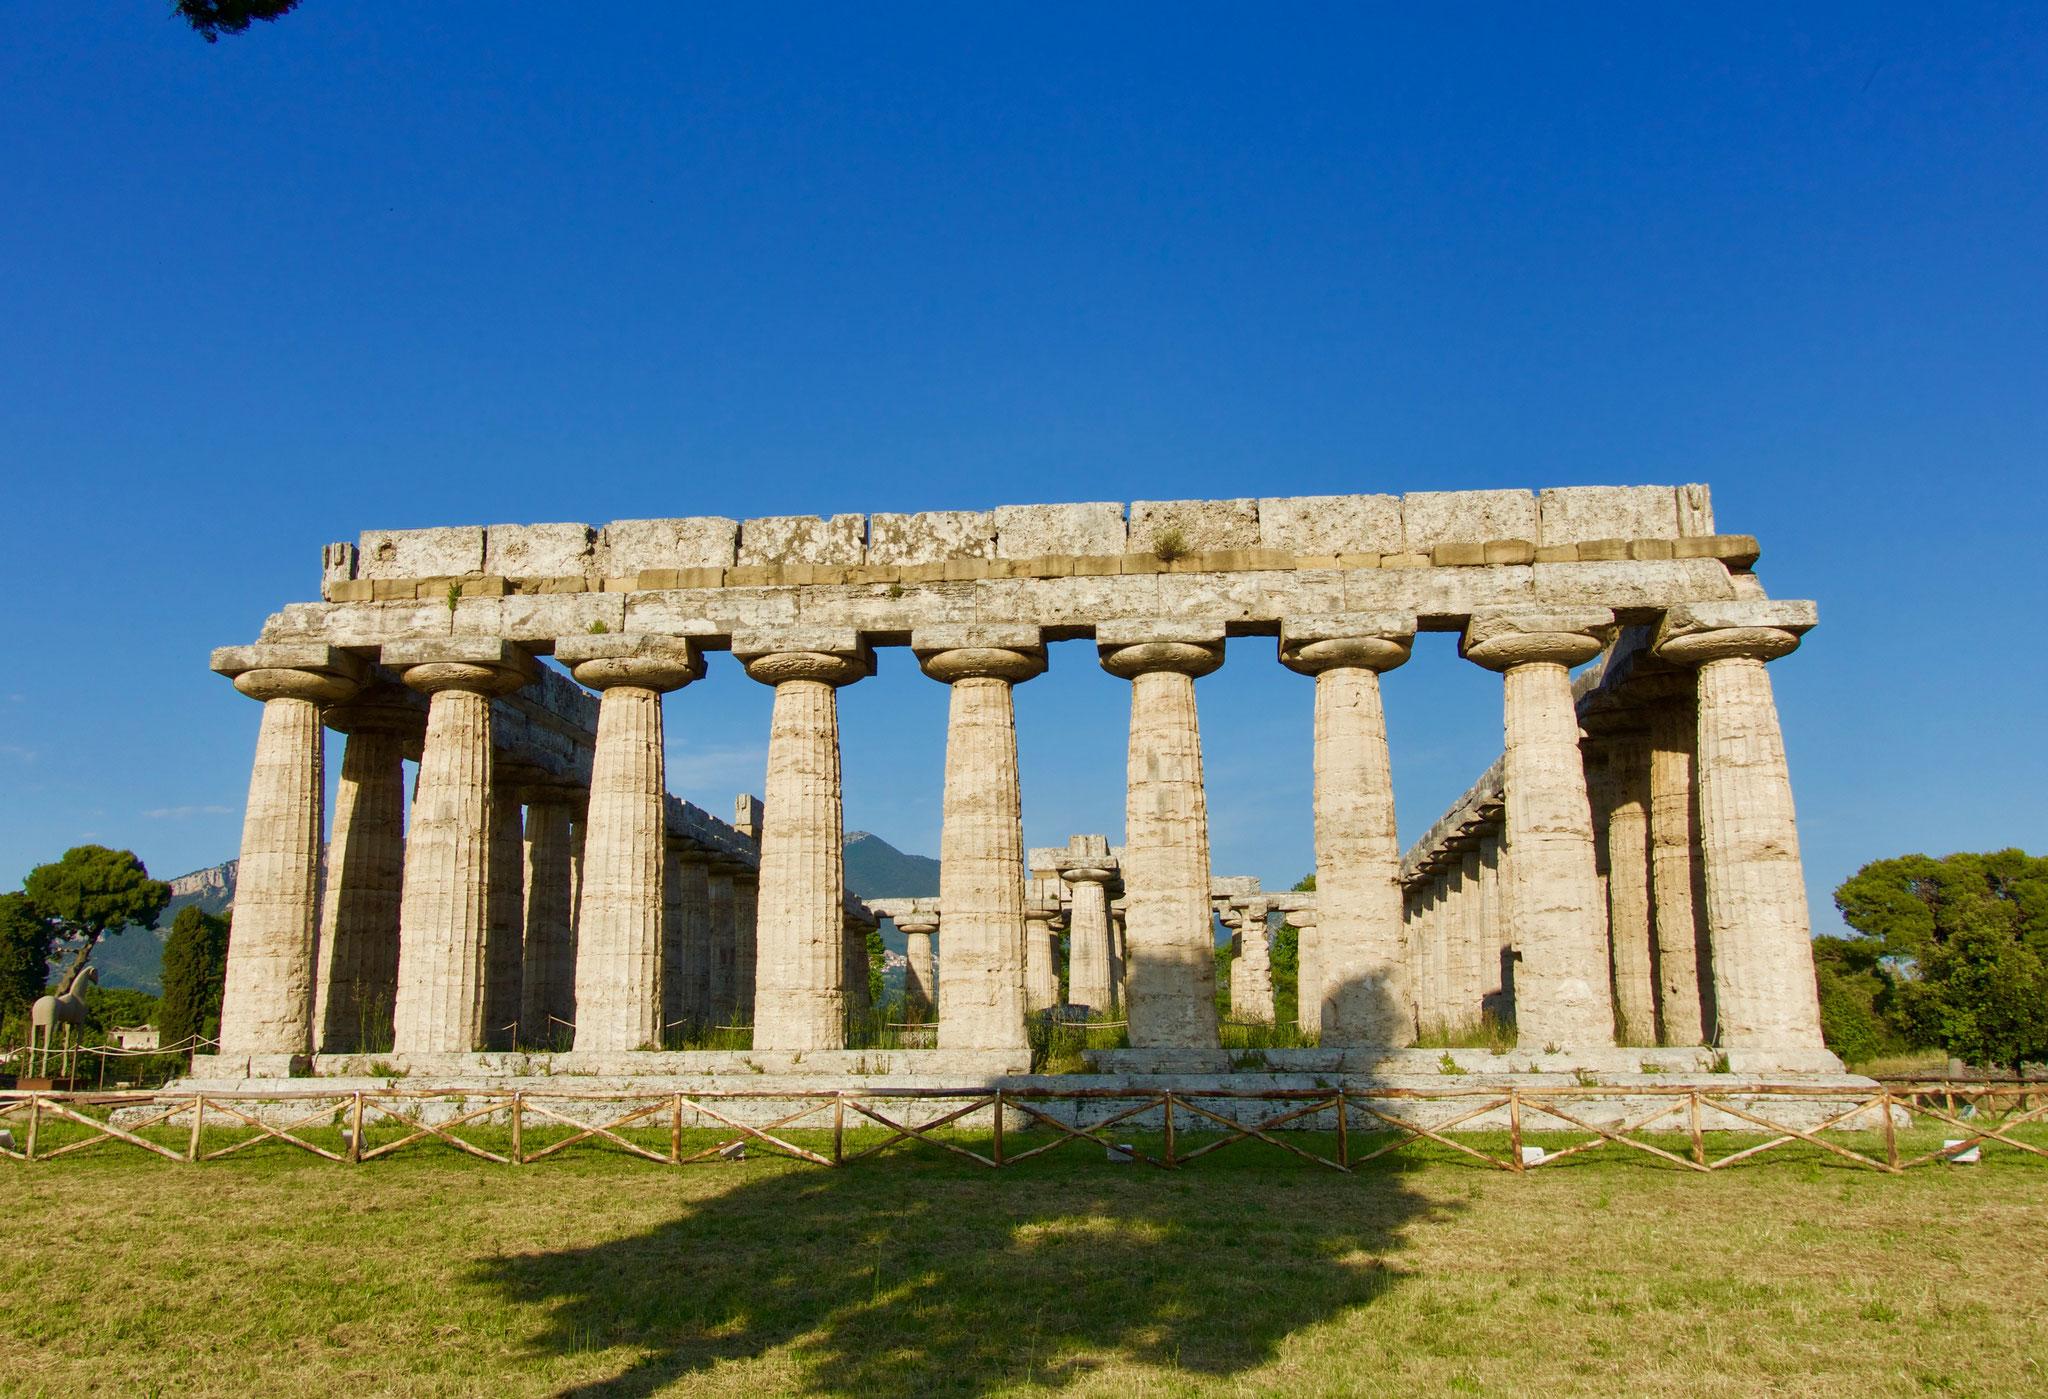 パエストゥム(カンパニア州)にも残るヘラ神殿。美しさで名高かったヘラを思い起こさせるエンタシスが強調されたドーリア式の柱。